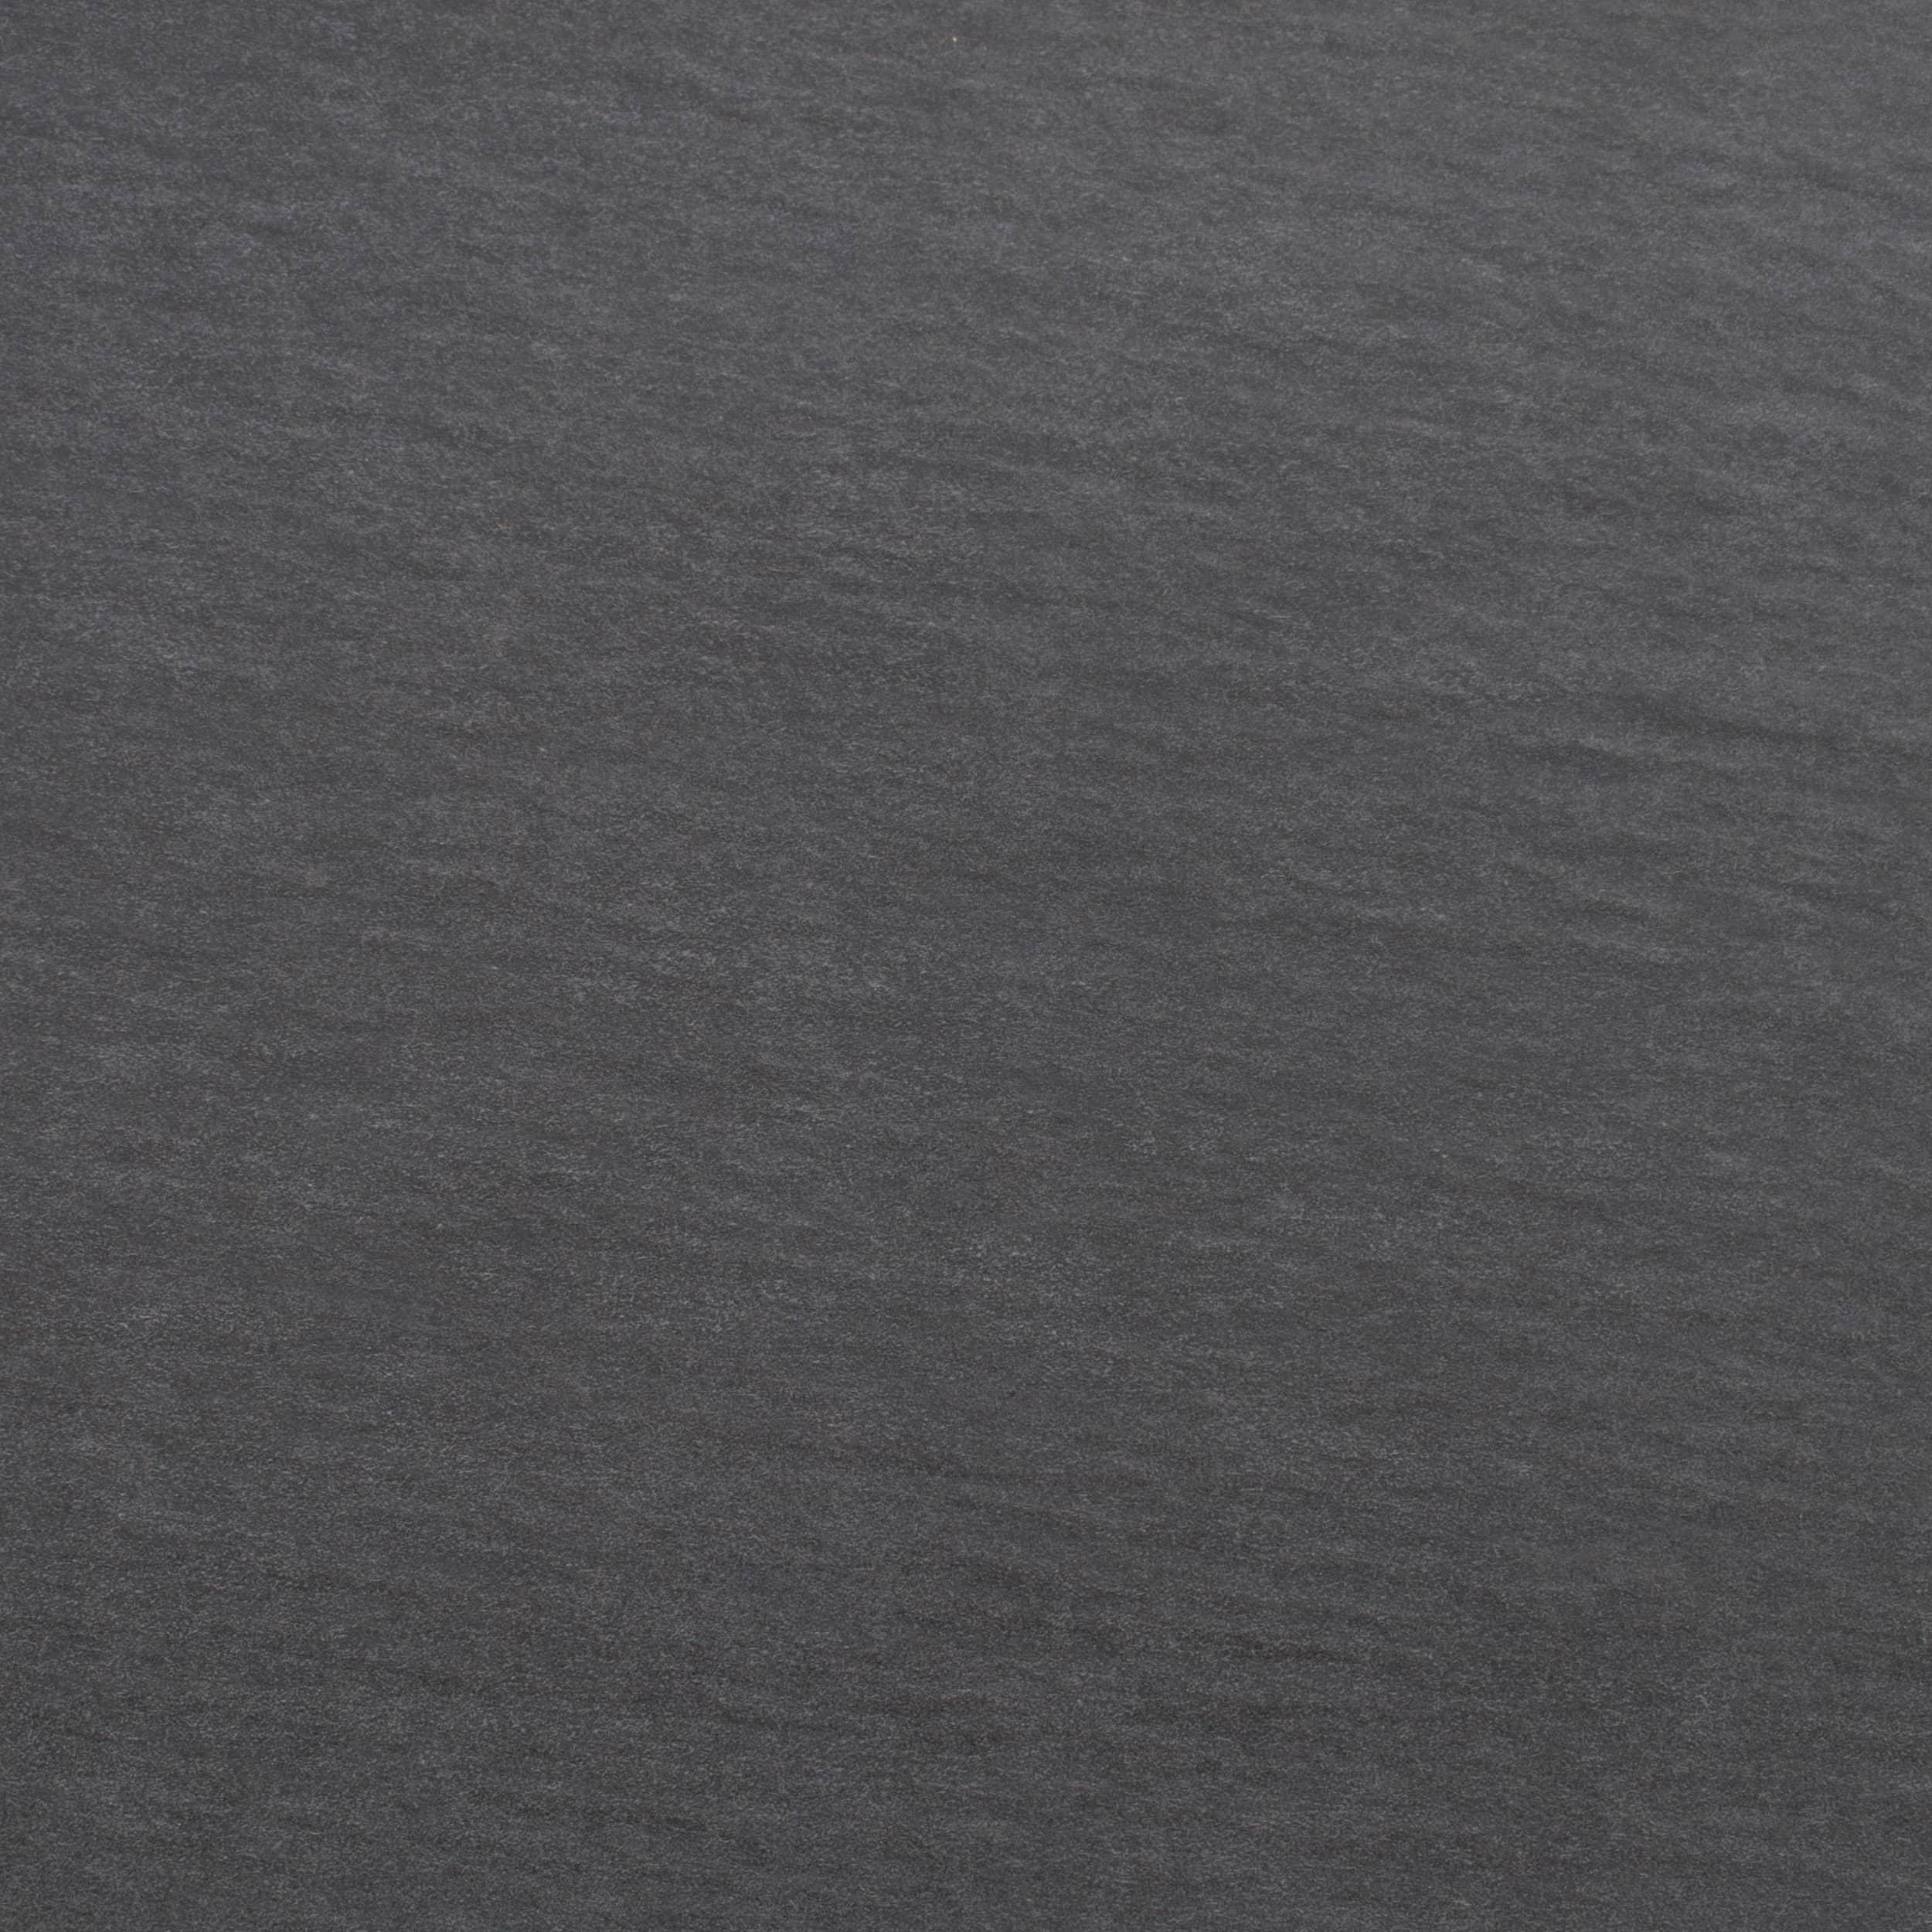 Keramik Terrassenplatte 60x60x3 cm Nero anthrazit